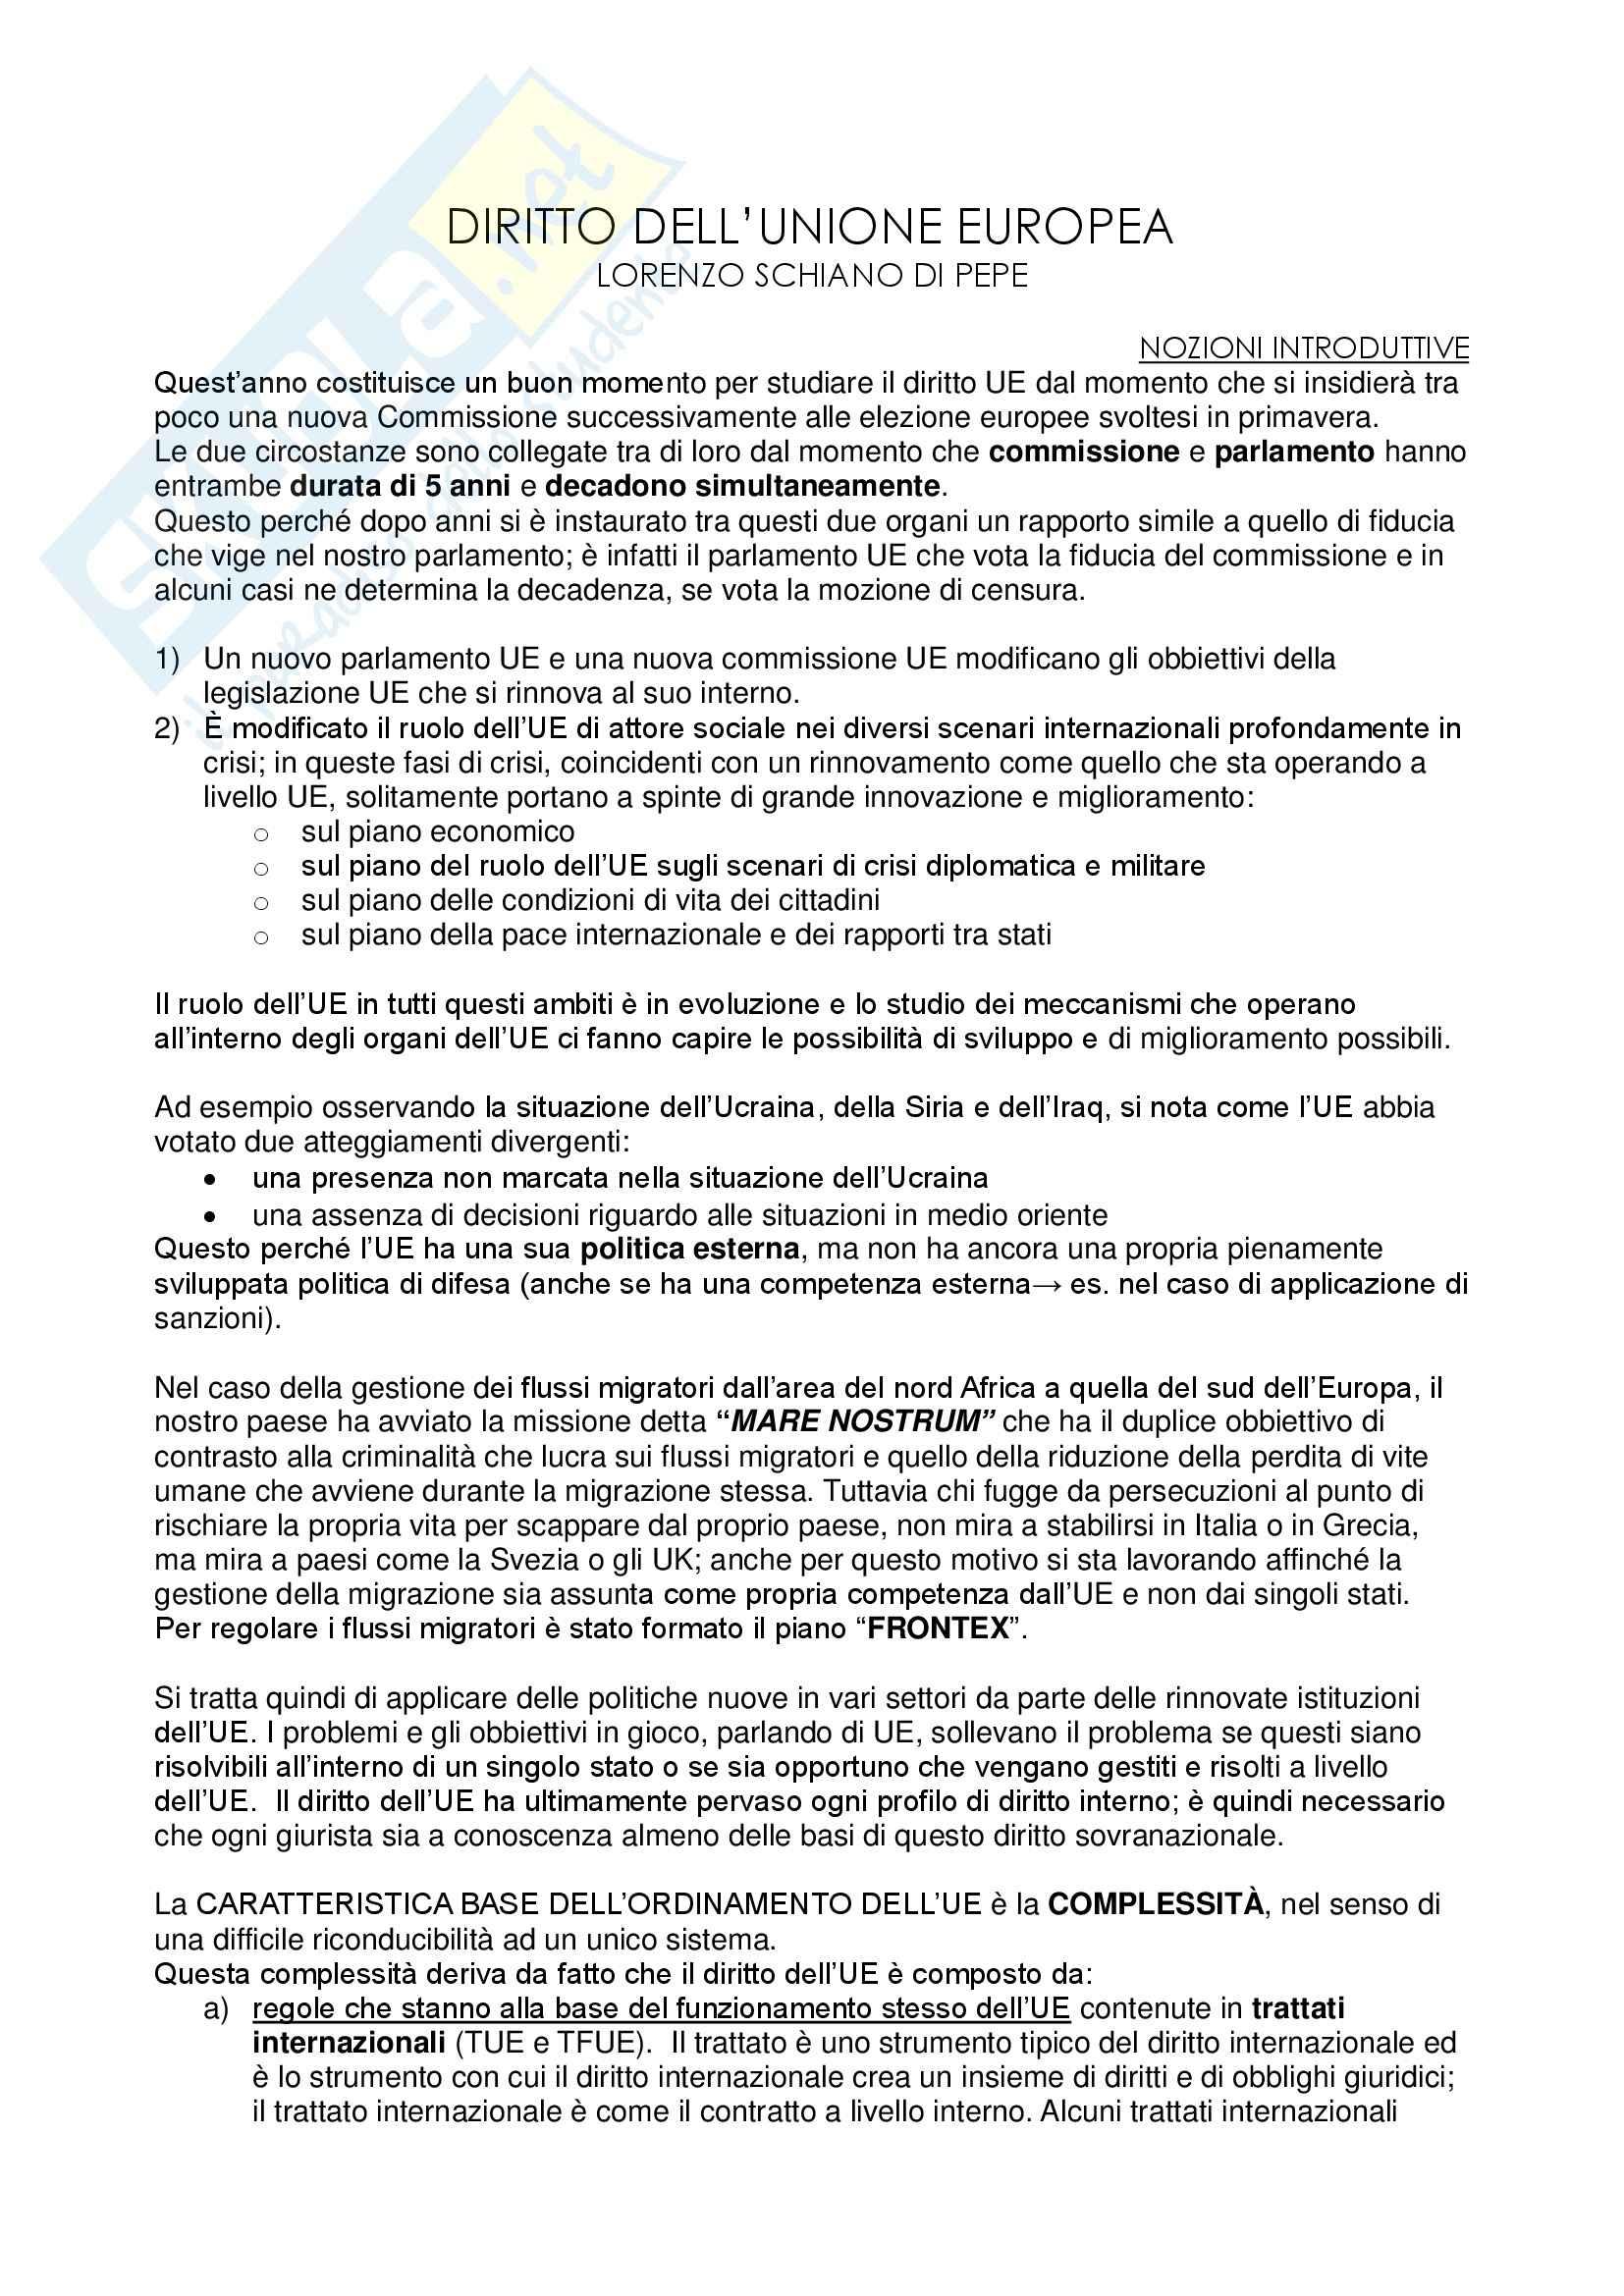 Appunti delle lezioni di diritto dell'Unione Europea del professore Lorenzo Schiano di Pepe